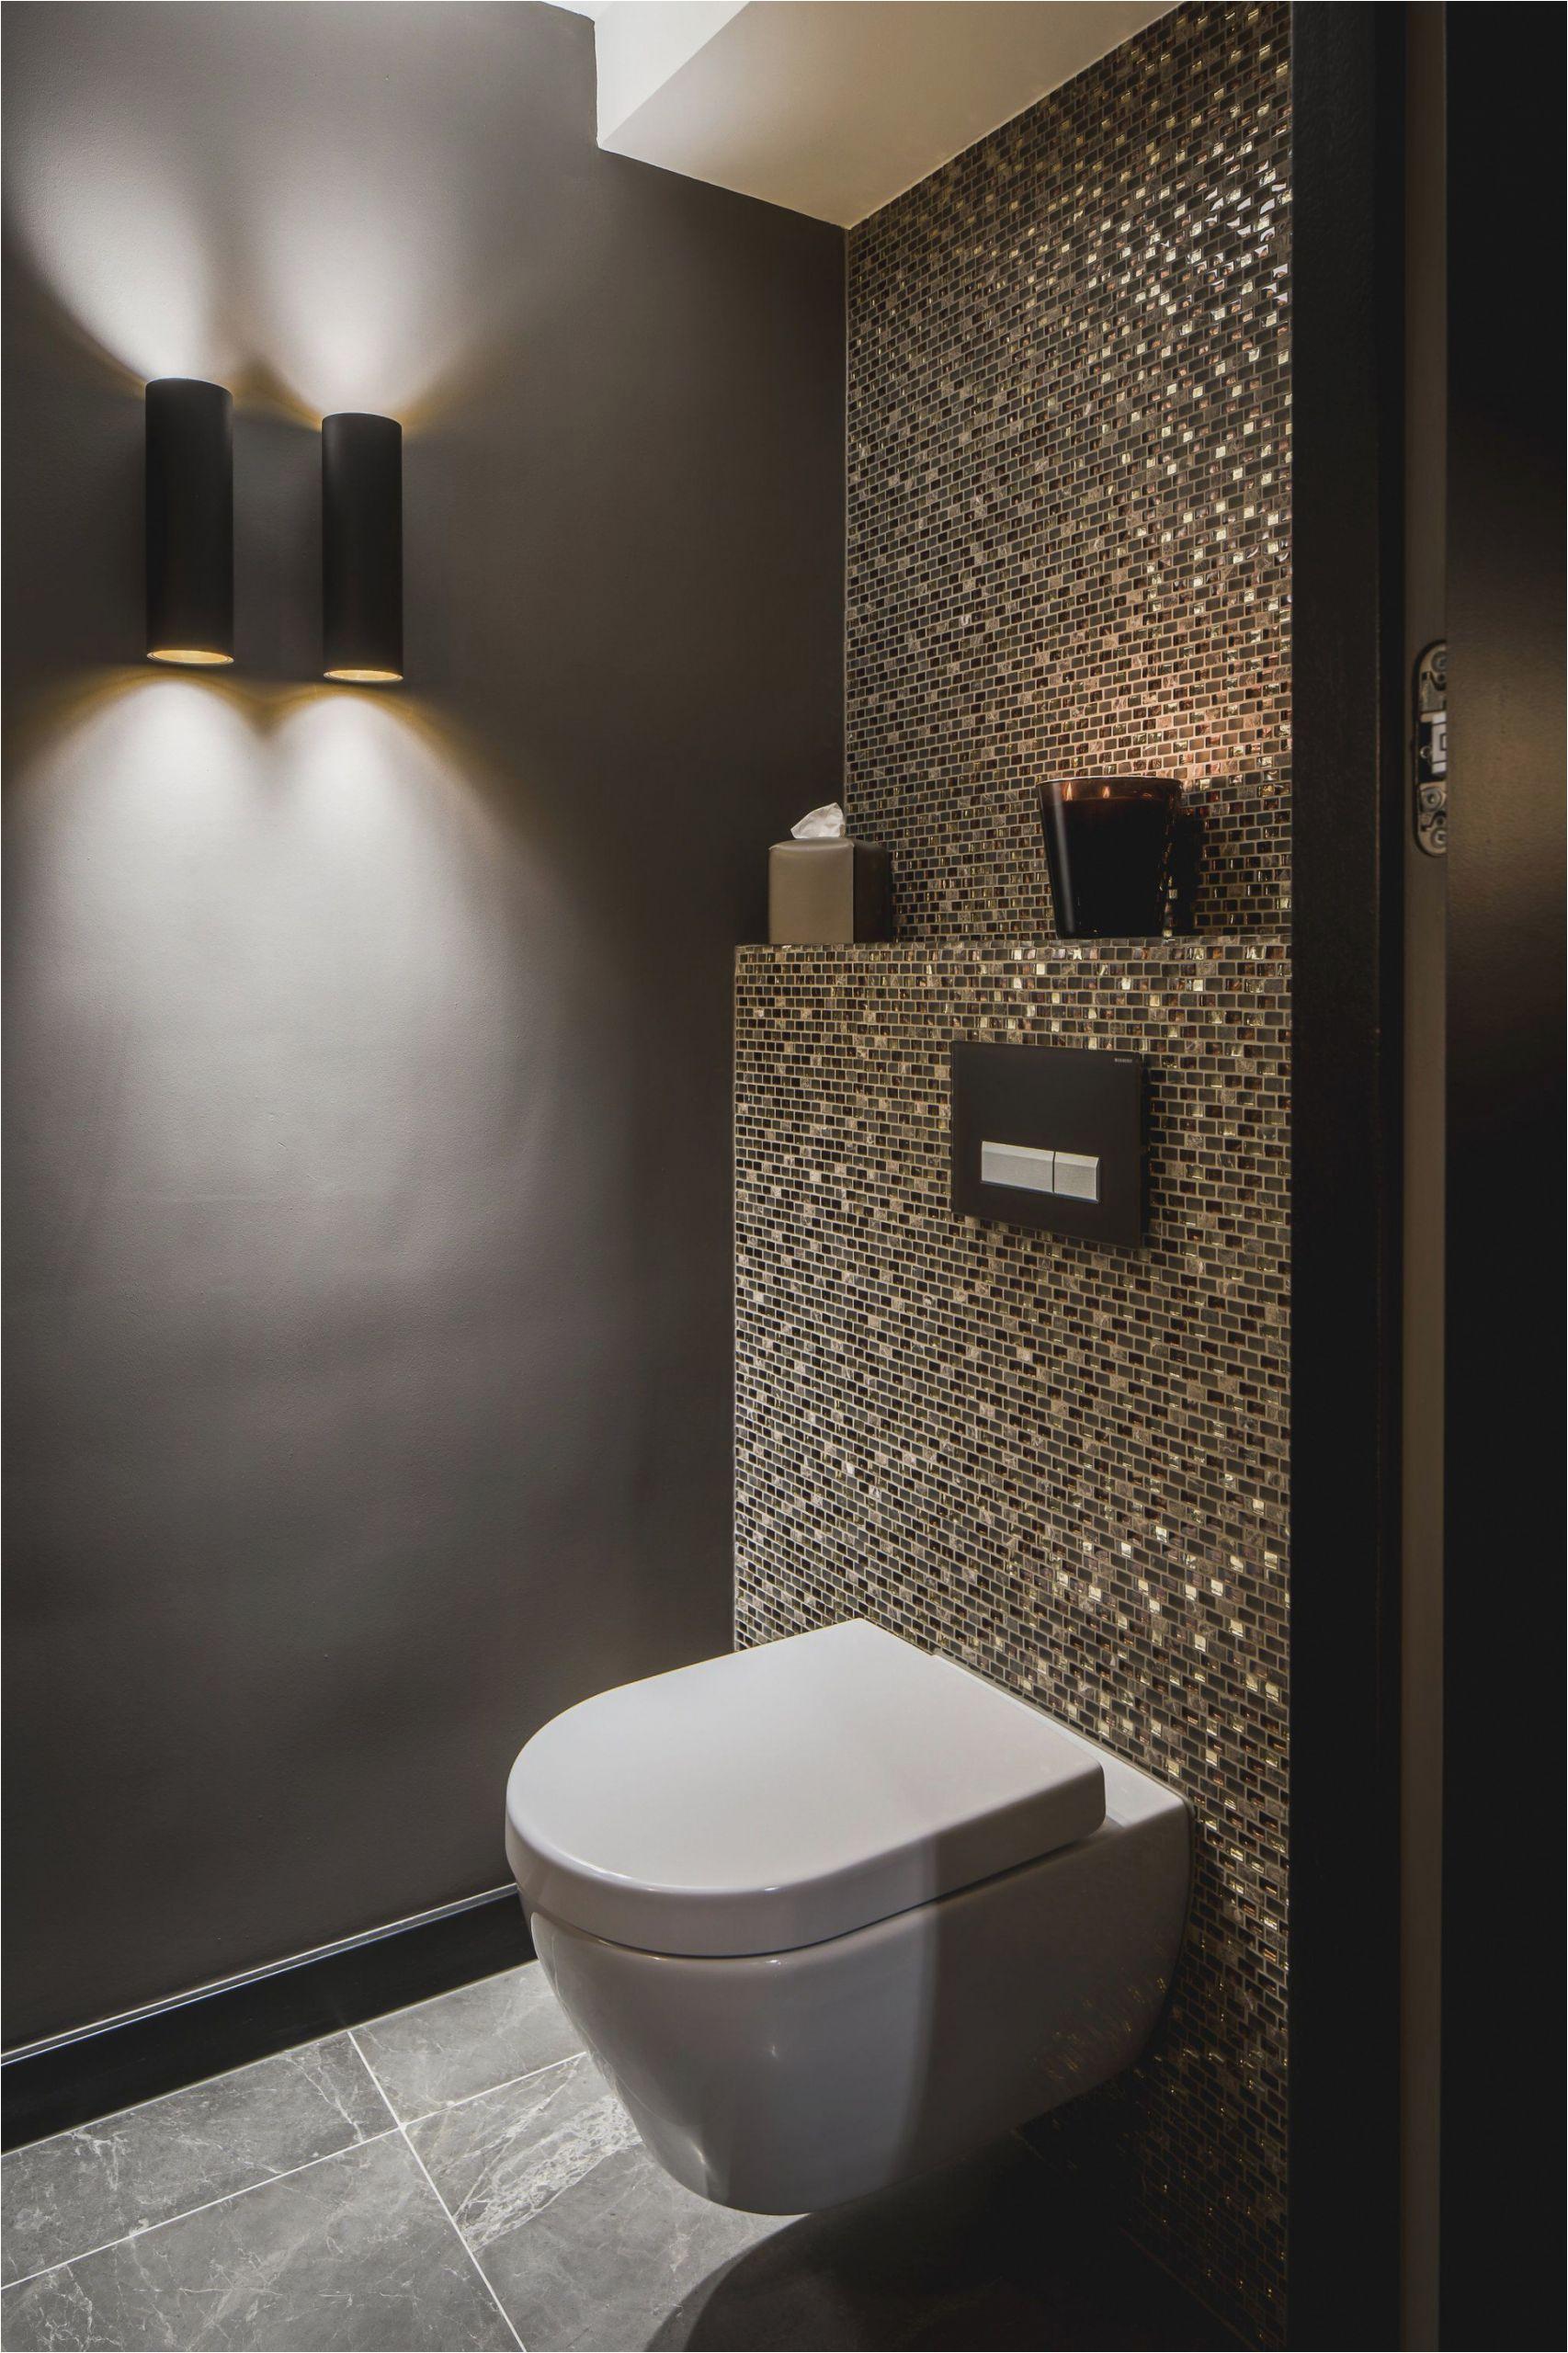 spiegel fur badezimmer beeindruckend toilette mit waschbecken temobardz home blog of spiegel fur badezimmer scaled